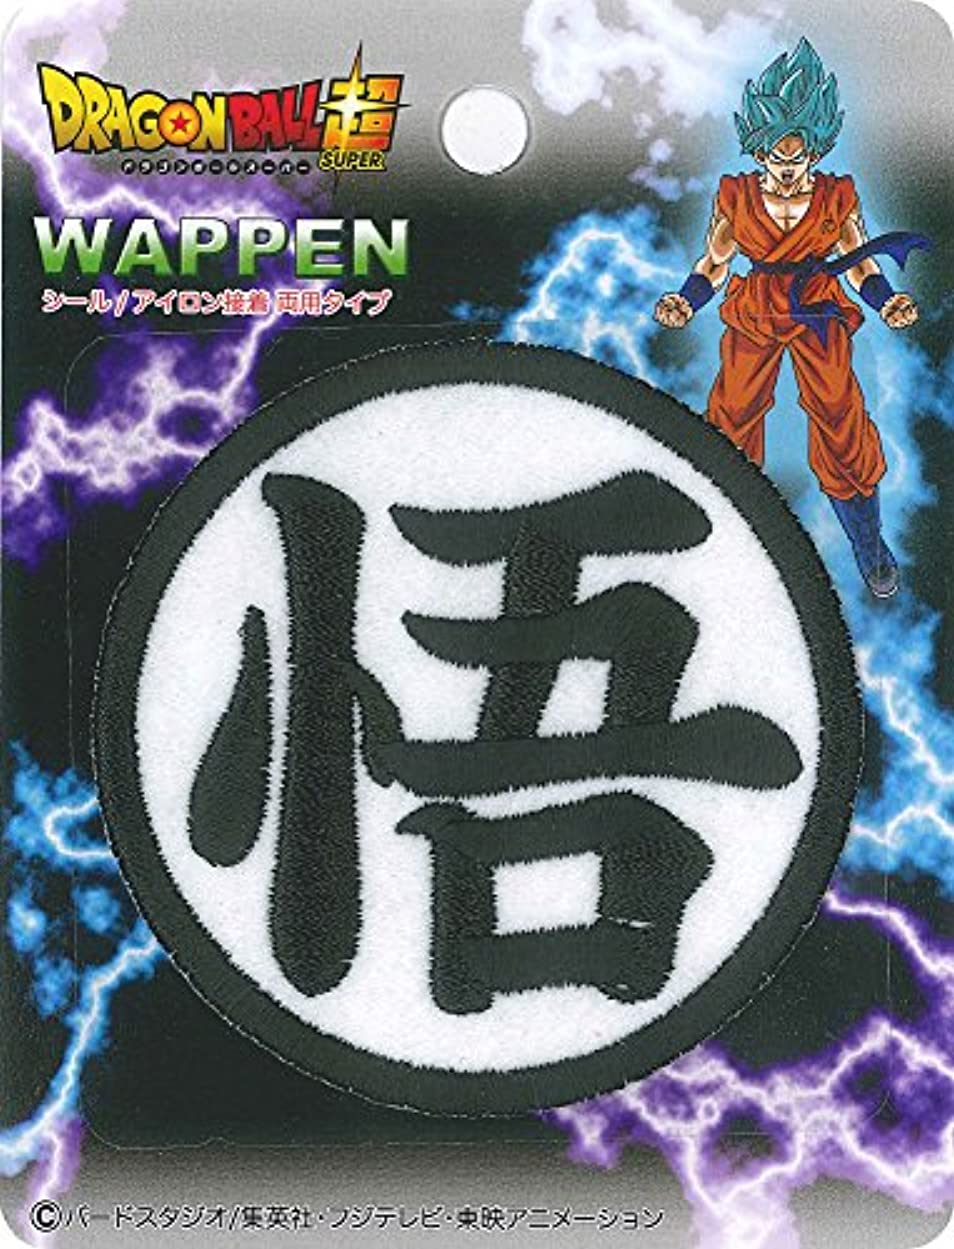 キャッチ出席ペイント稲垣服飾 ドラゴンボールスーパー マークシールワッペン 大 悟マーク アイロン接着 DBS007